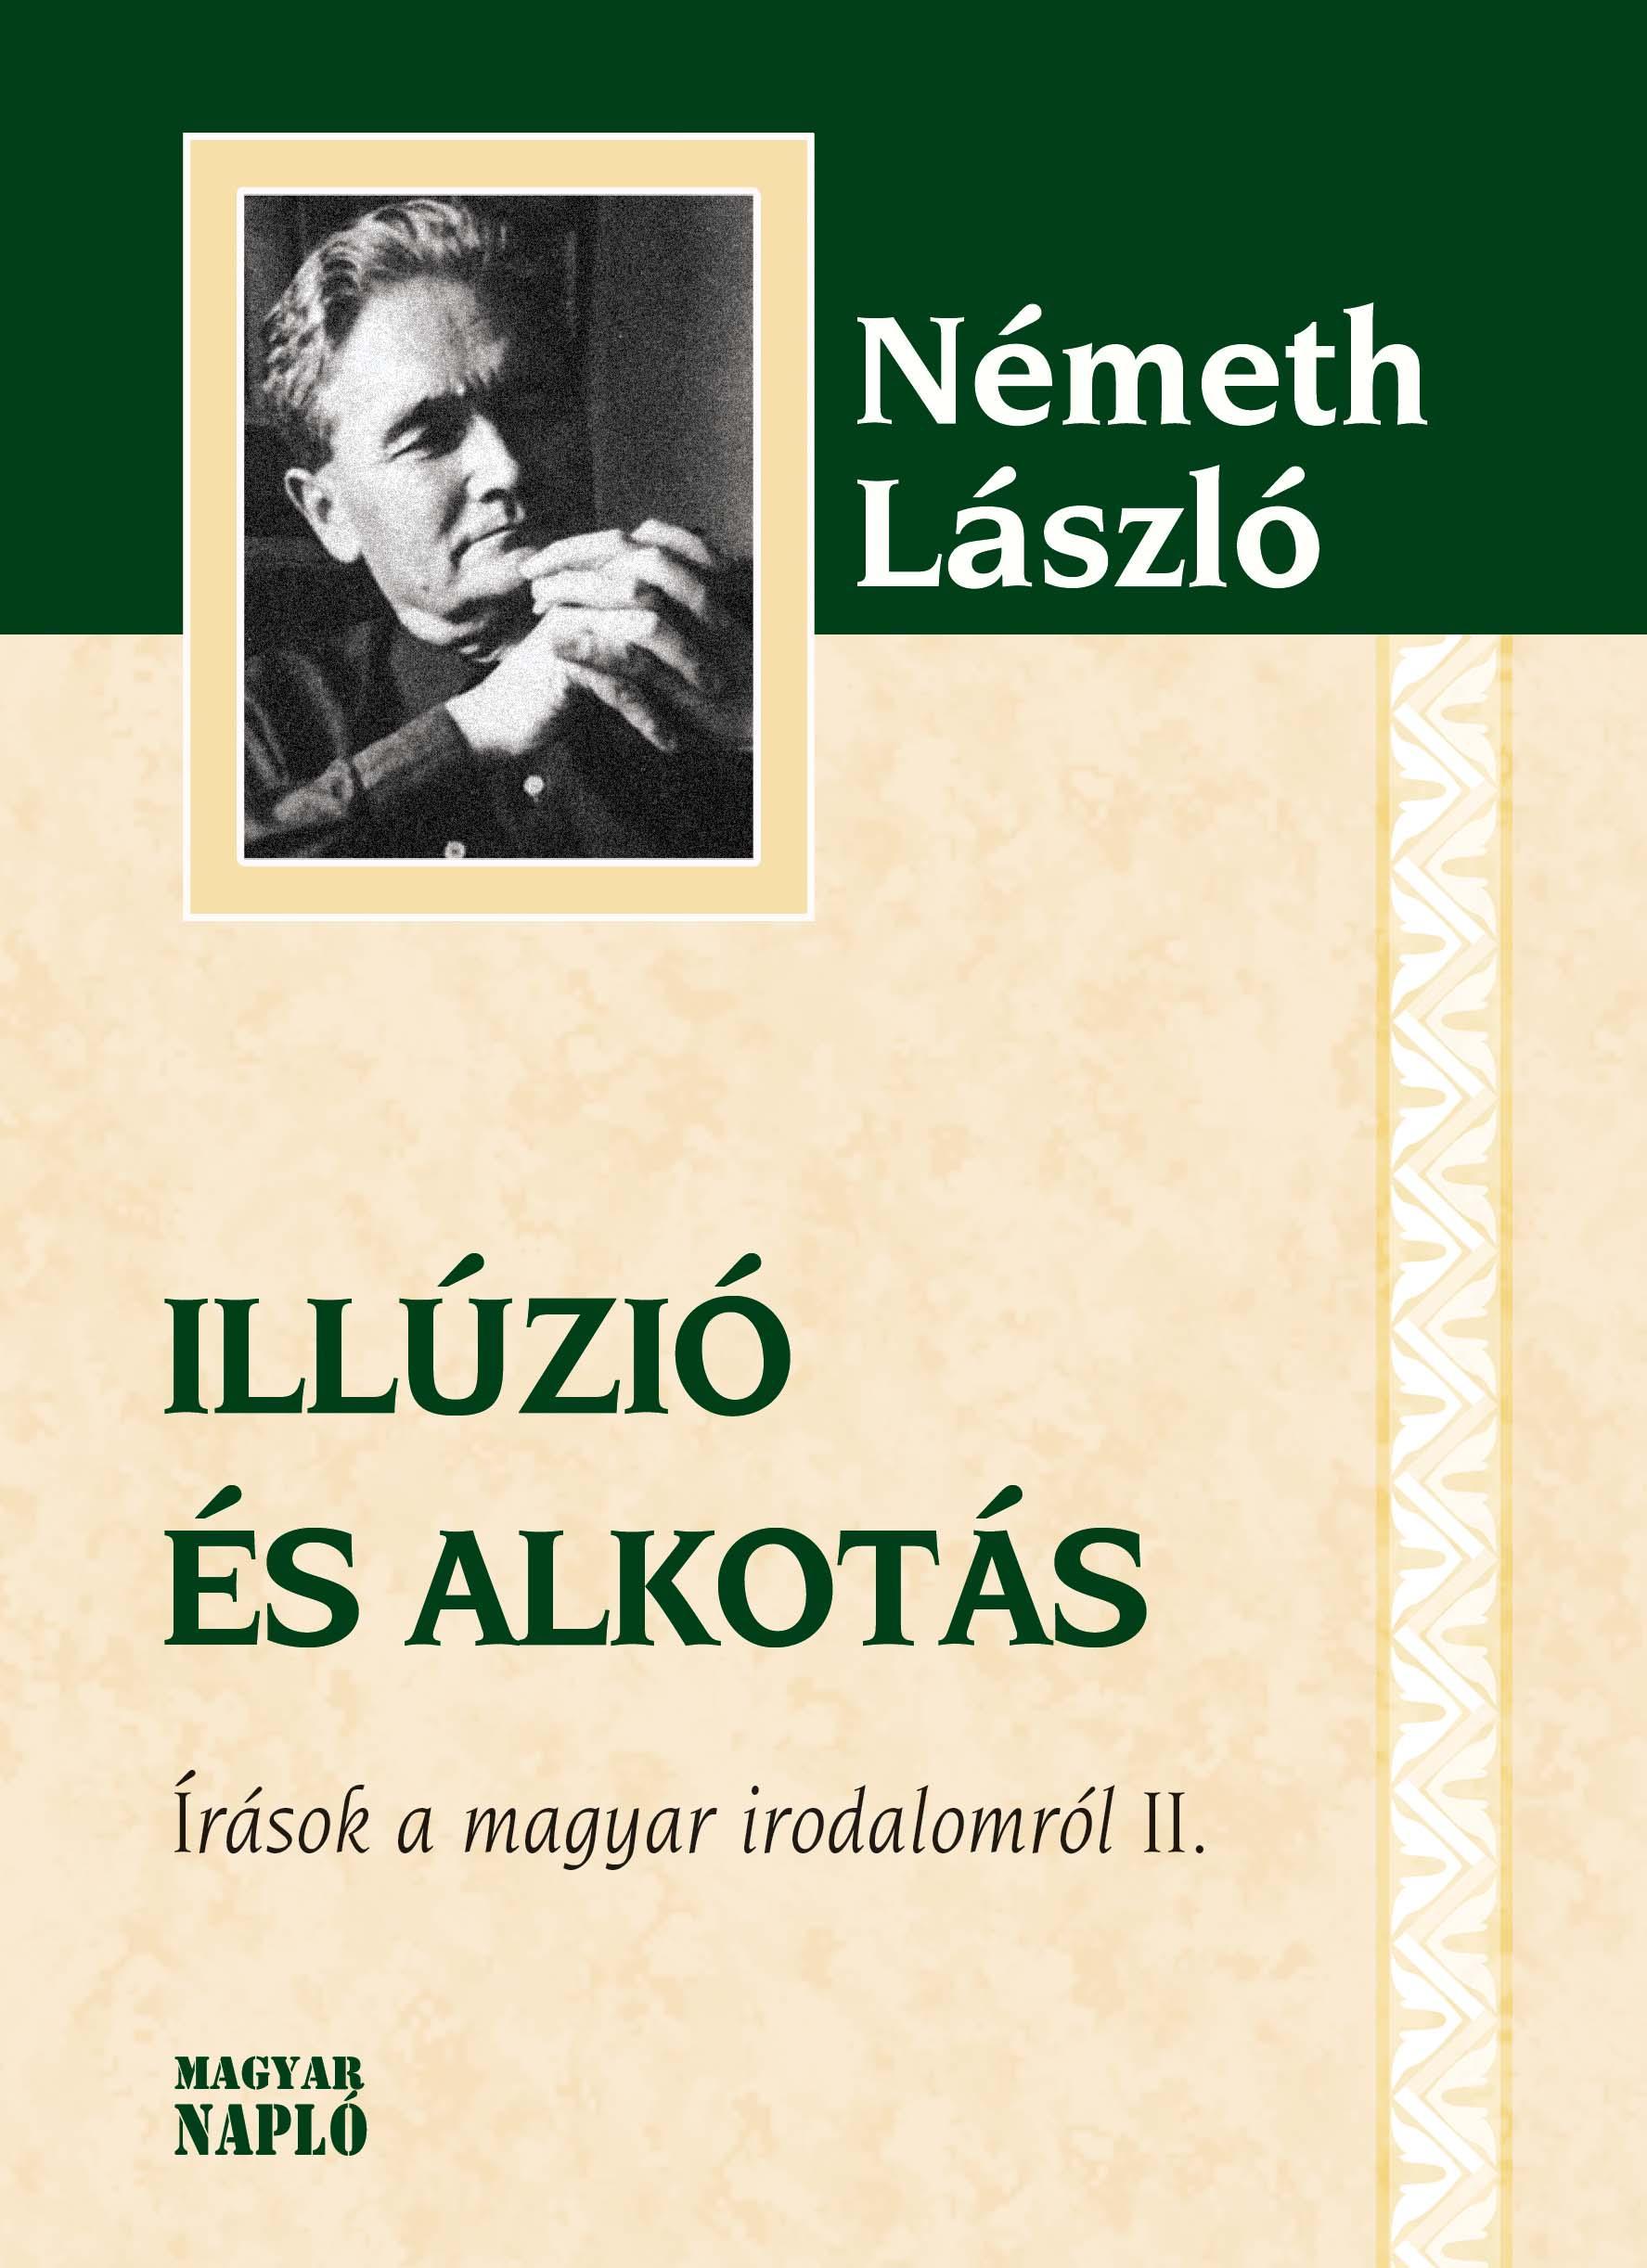 ILLÚZIÓ ÉS ALKOTÁS - ÍRÁSOK A MAGYAR IRODALOMRÓL II.